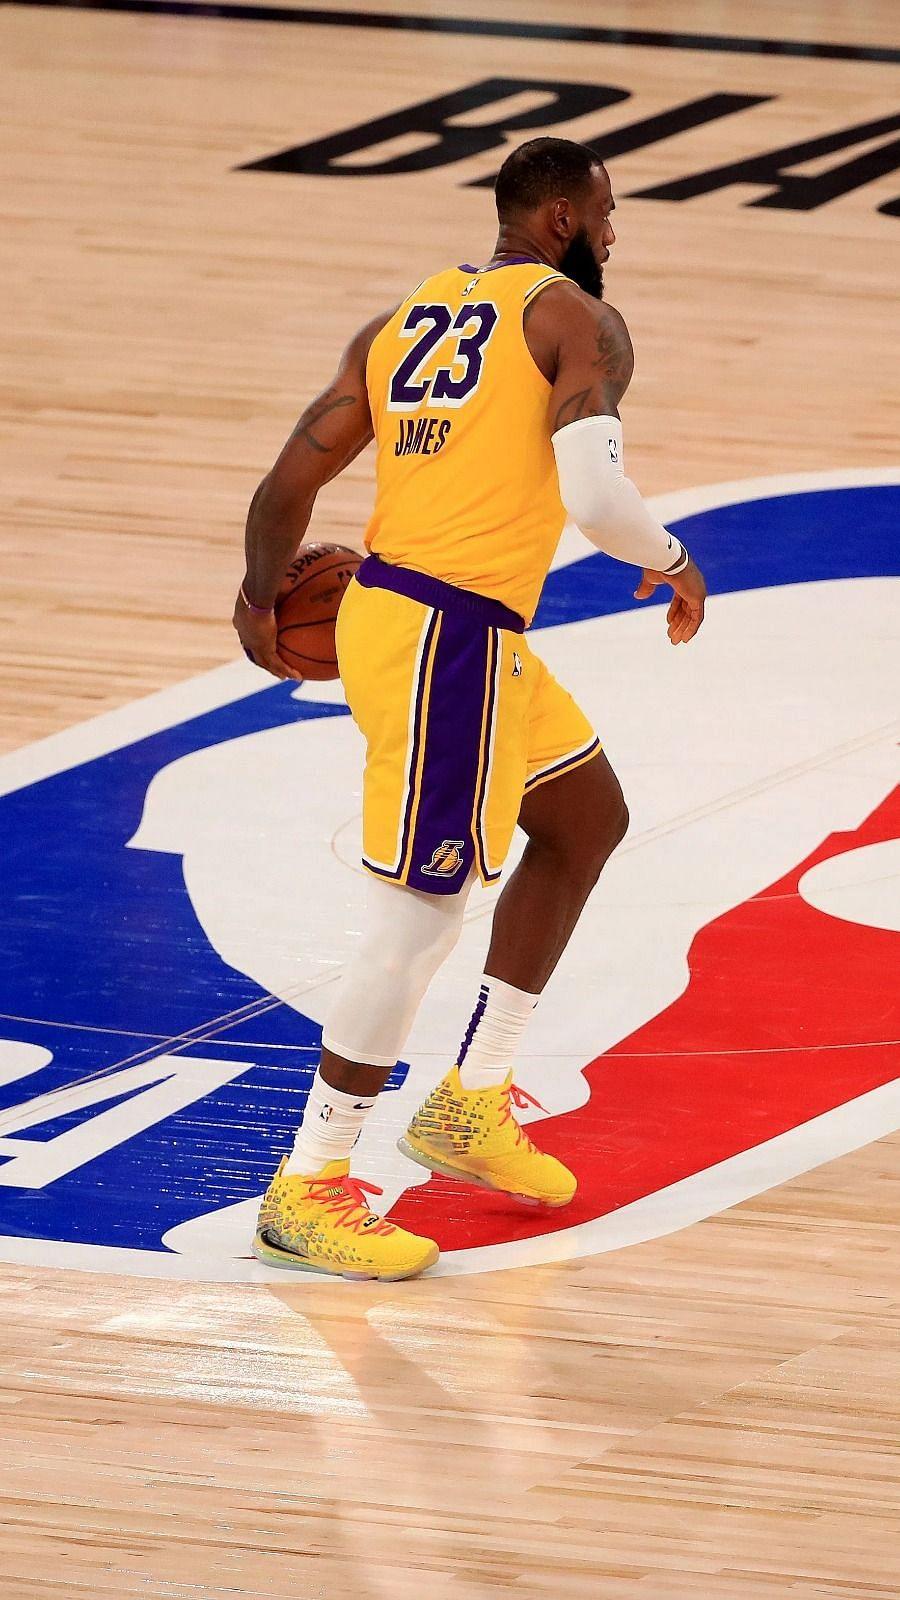 La Lakers Vs La Clippers Prediction Match Preview December 13th 2020 Nba Preseason 2020 21